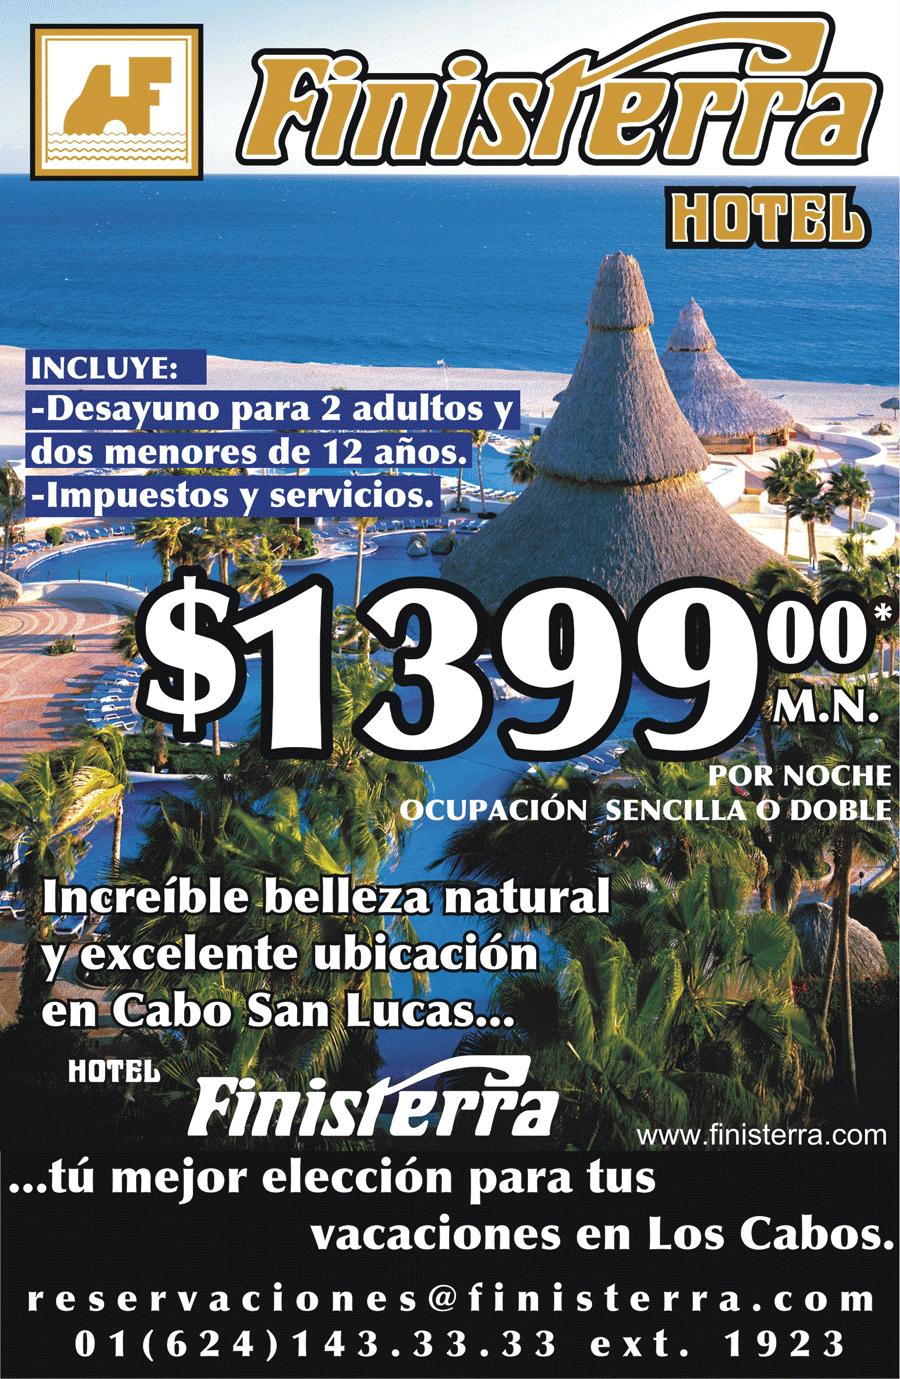 Anuncio publicitario del hotel Finisterra